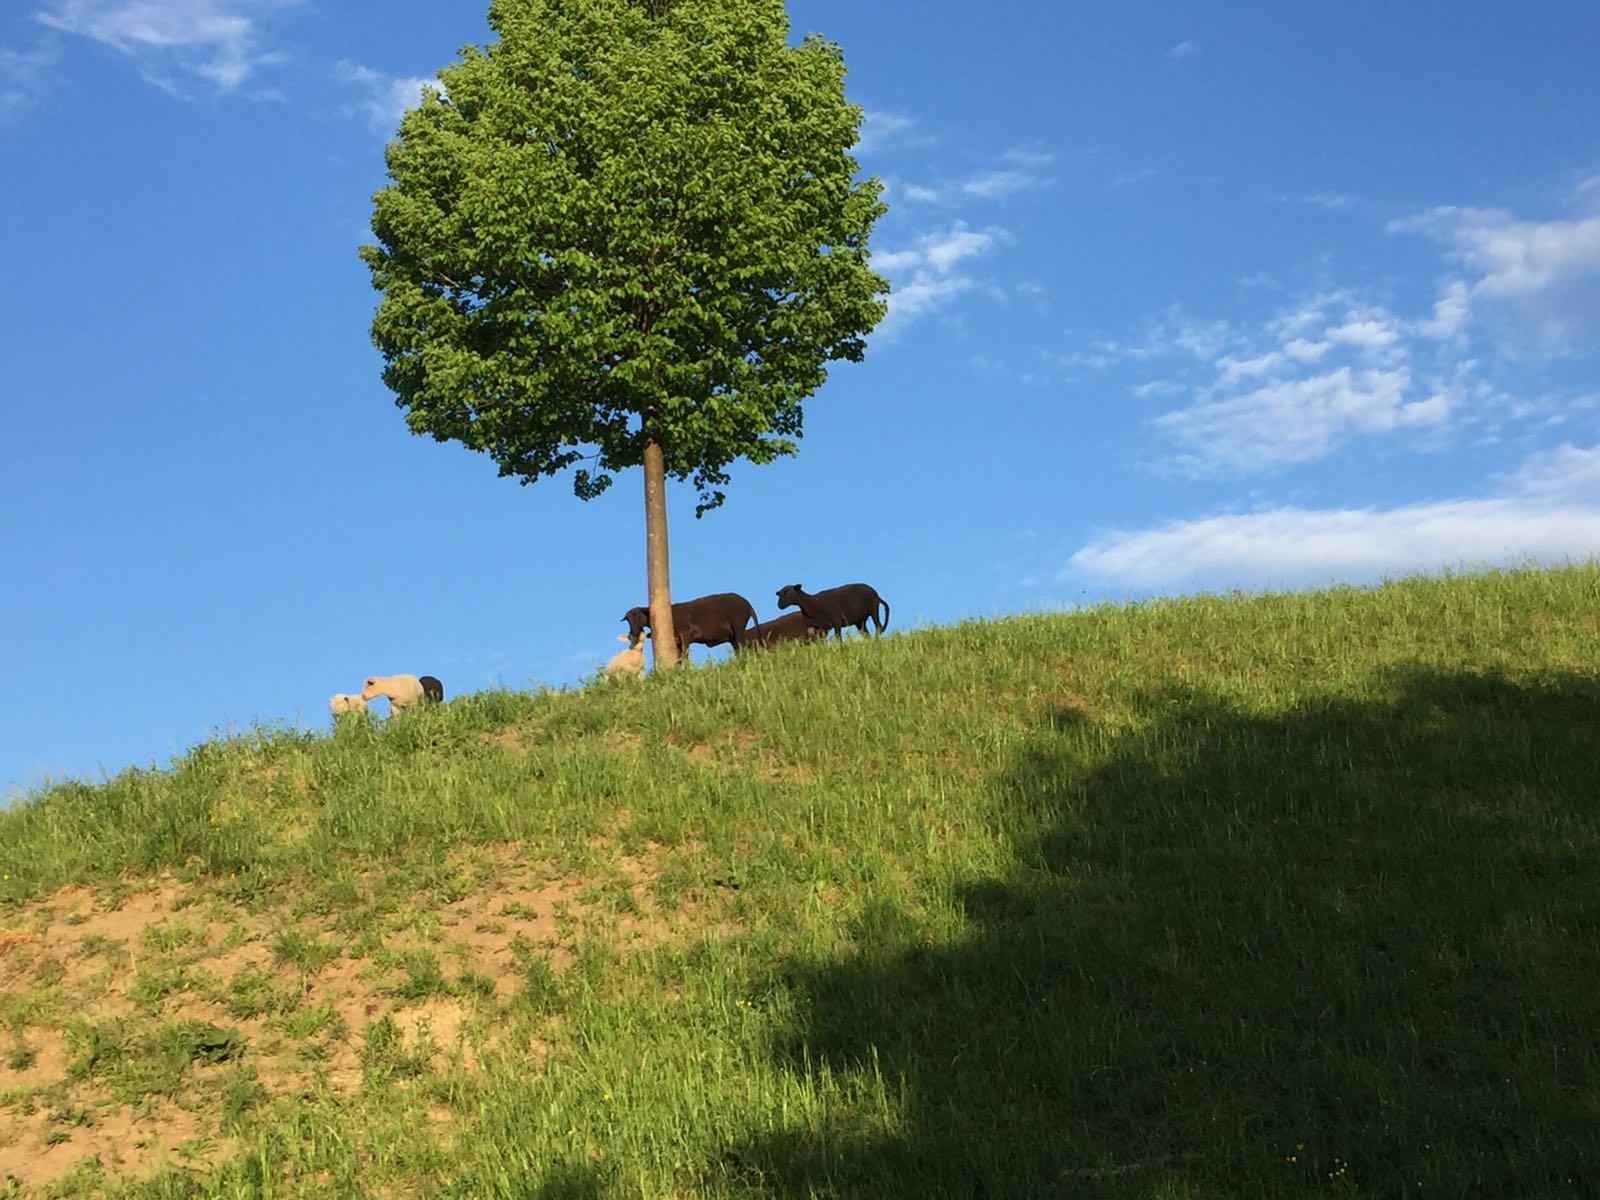 Schafe am hügel mit baum0